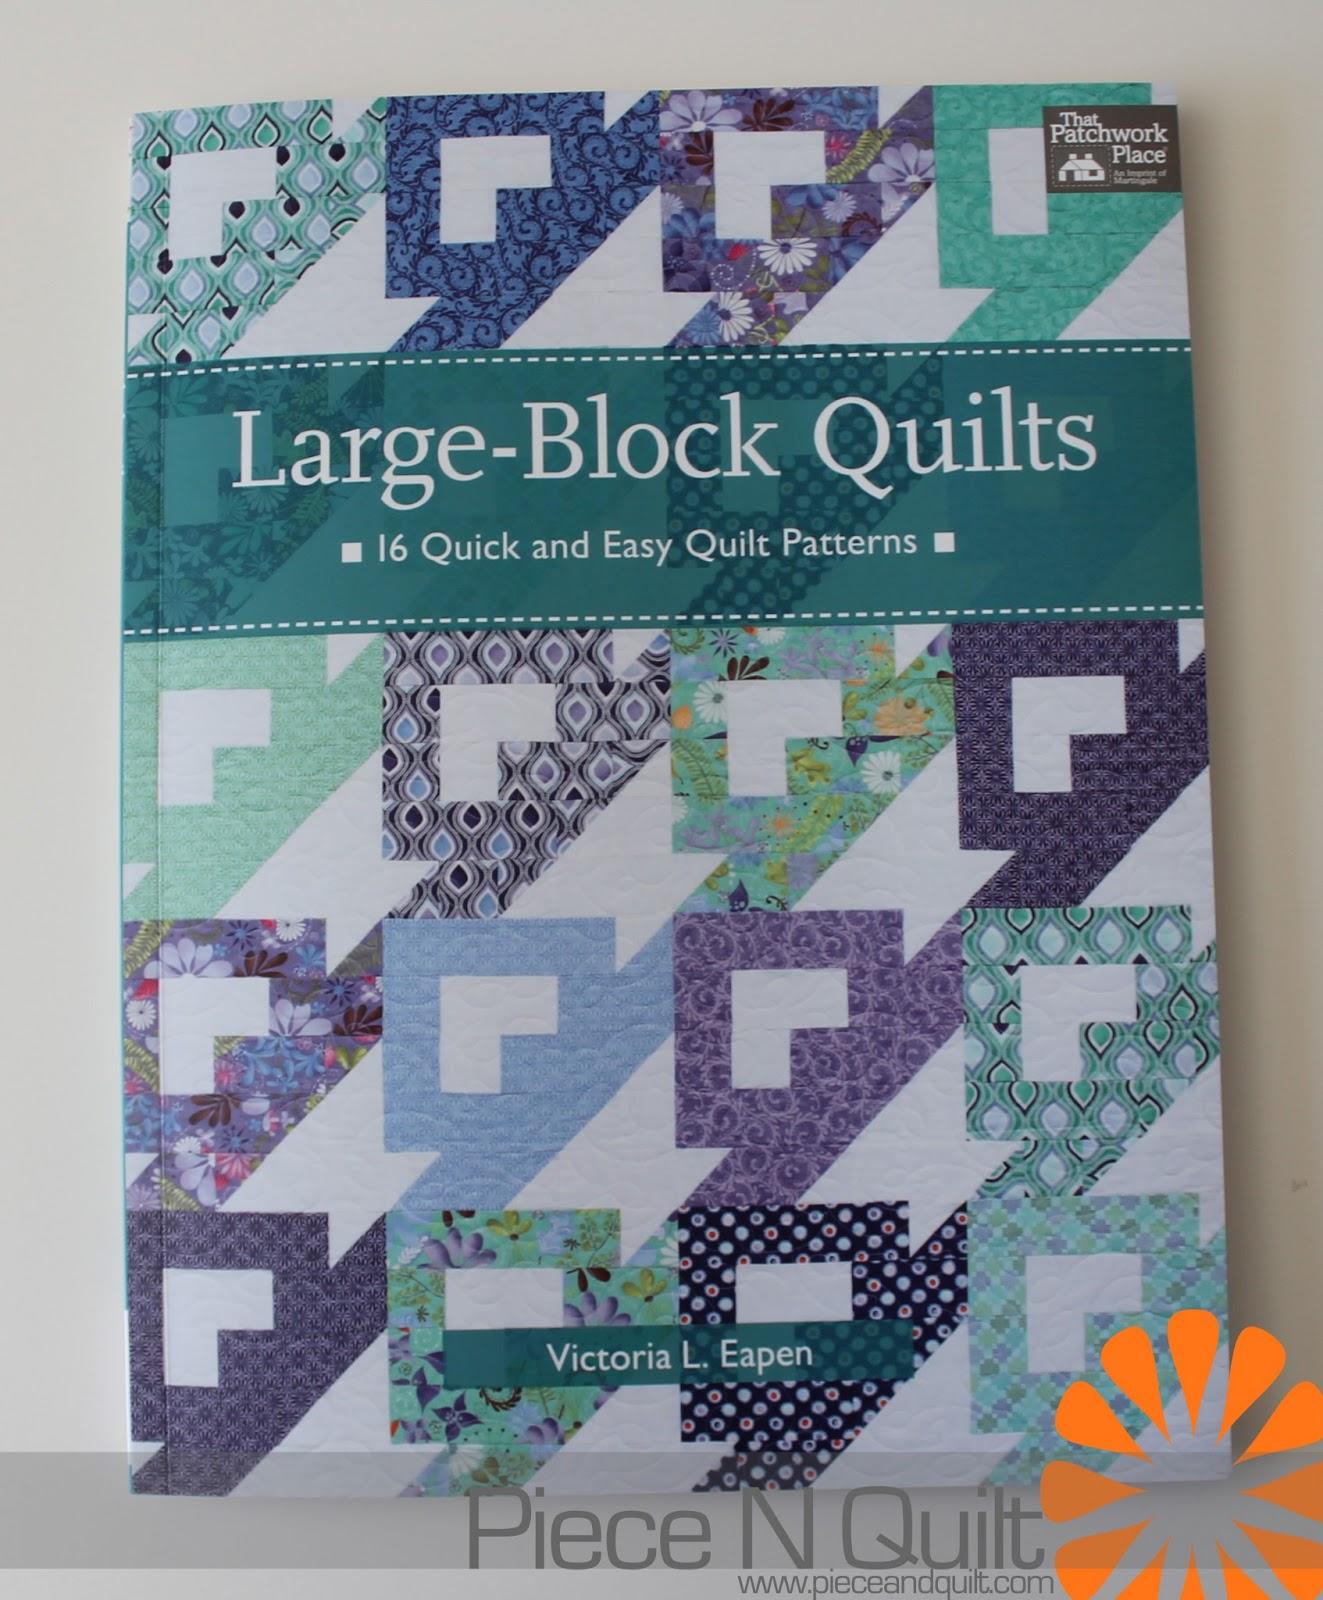 4.bp.blogspot.com/-knTWiK3WCBg/UXXEi5BG5kI/AAAAAAA... : large block quilt patterns - Adamdwight.com